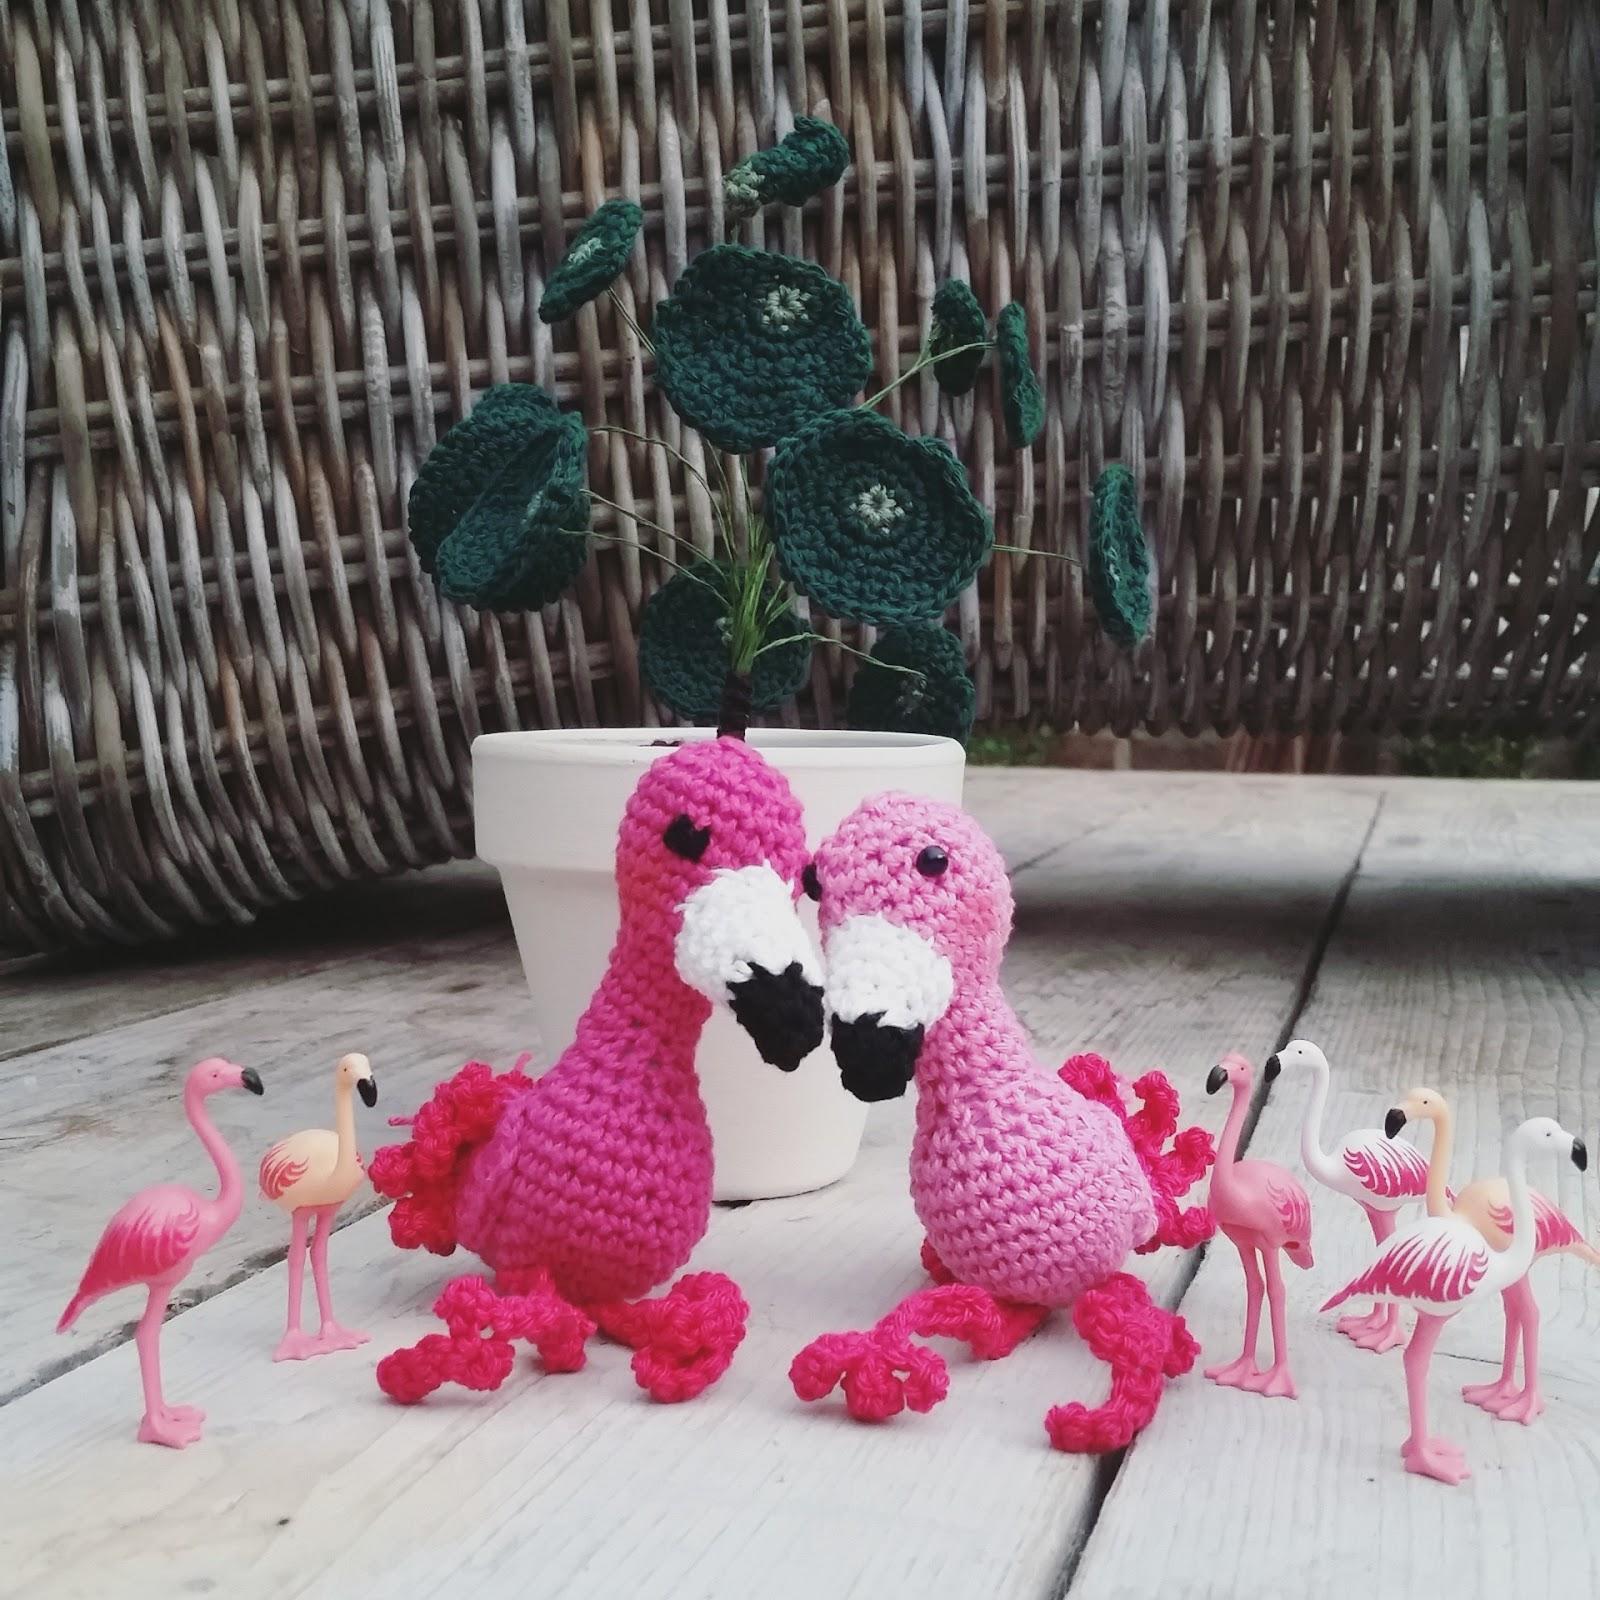 Mijn Eigen Plekkie Pink Pink En Nog Ns Pinkofwel Flamingos